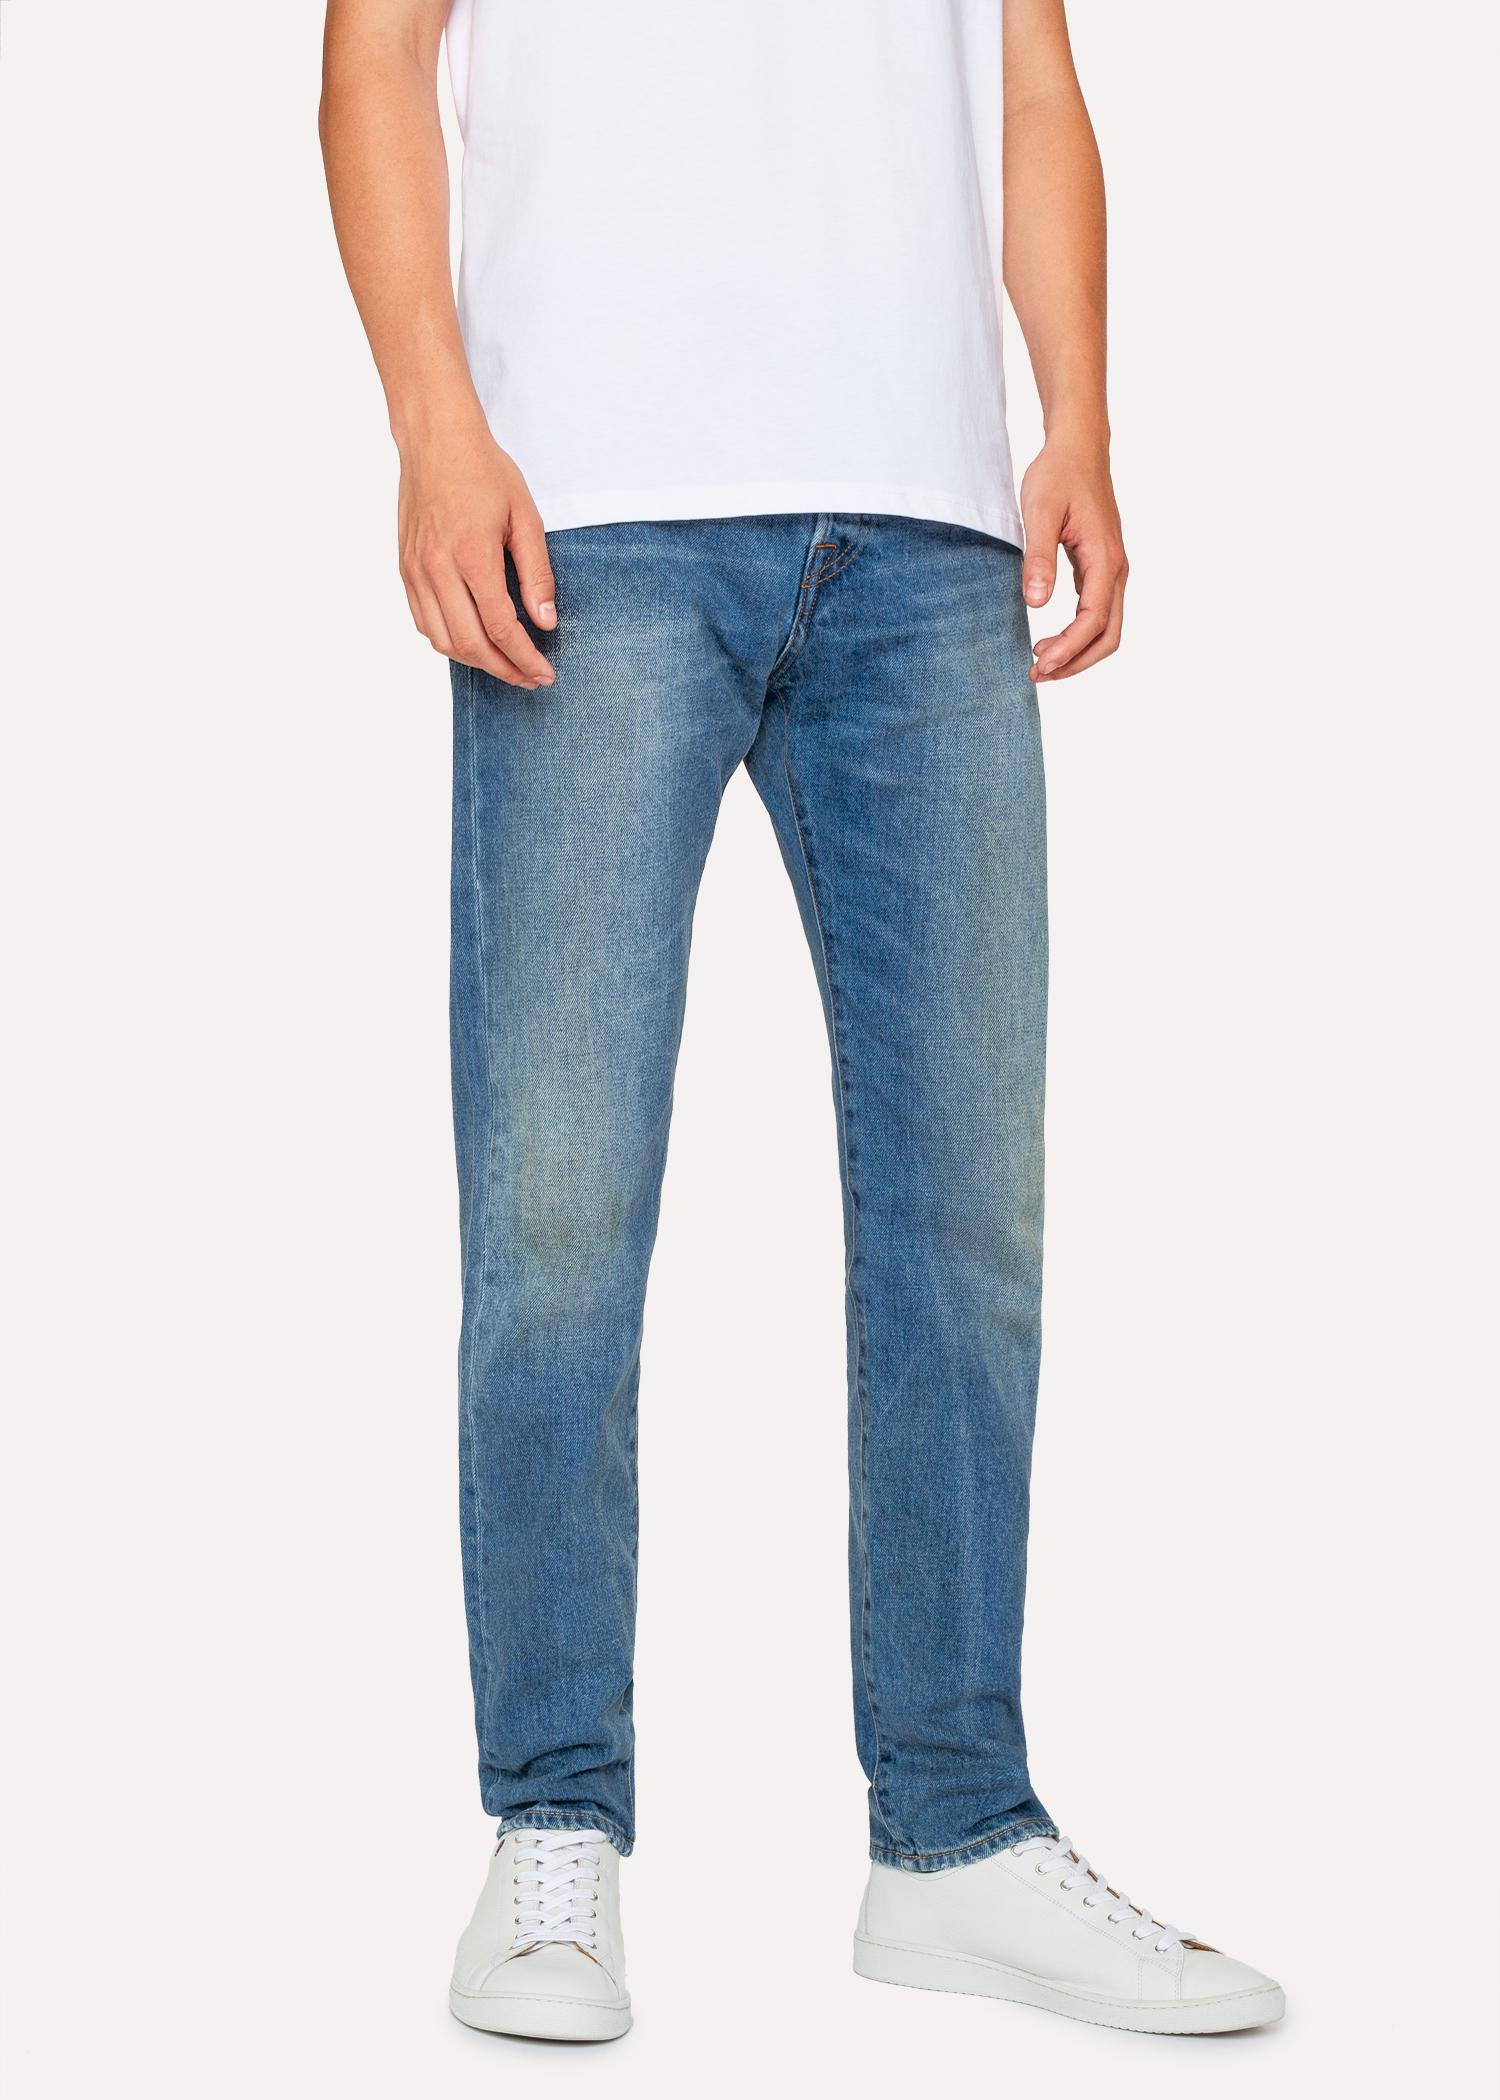 efab9cc732fd Paul Smith. Men s Blue Slim-Standard Antique-Wash 12.5oz  Rigid Western  Twill  Denim Jeans